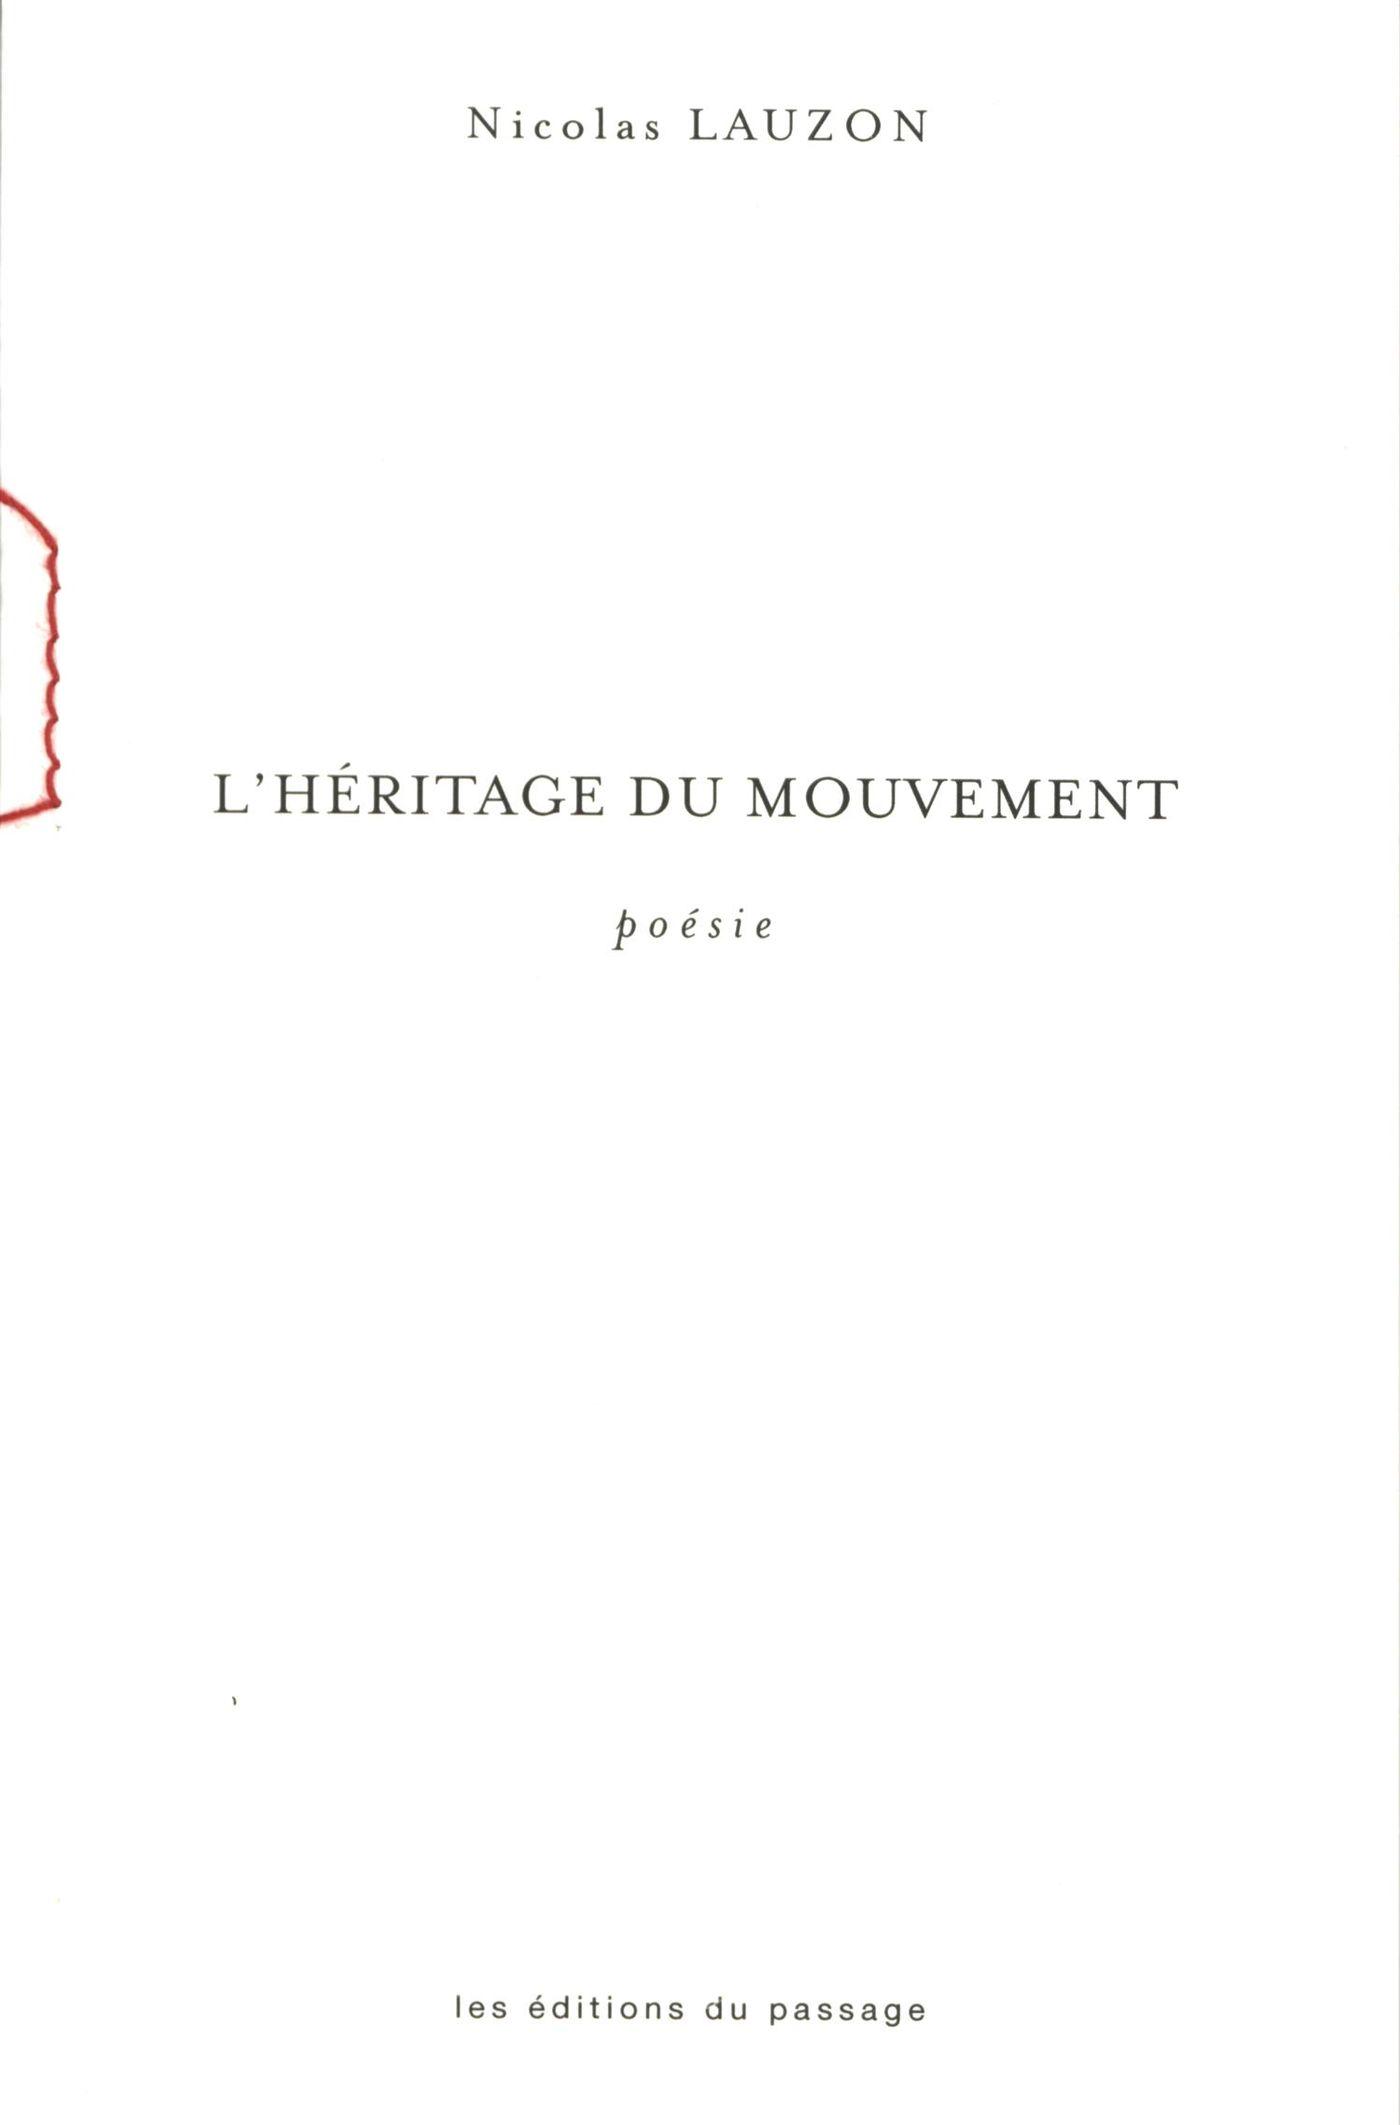 Héritage du mouvement L'